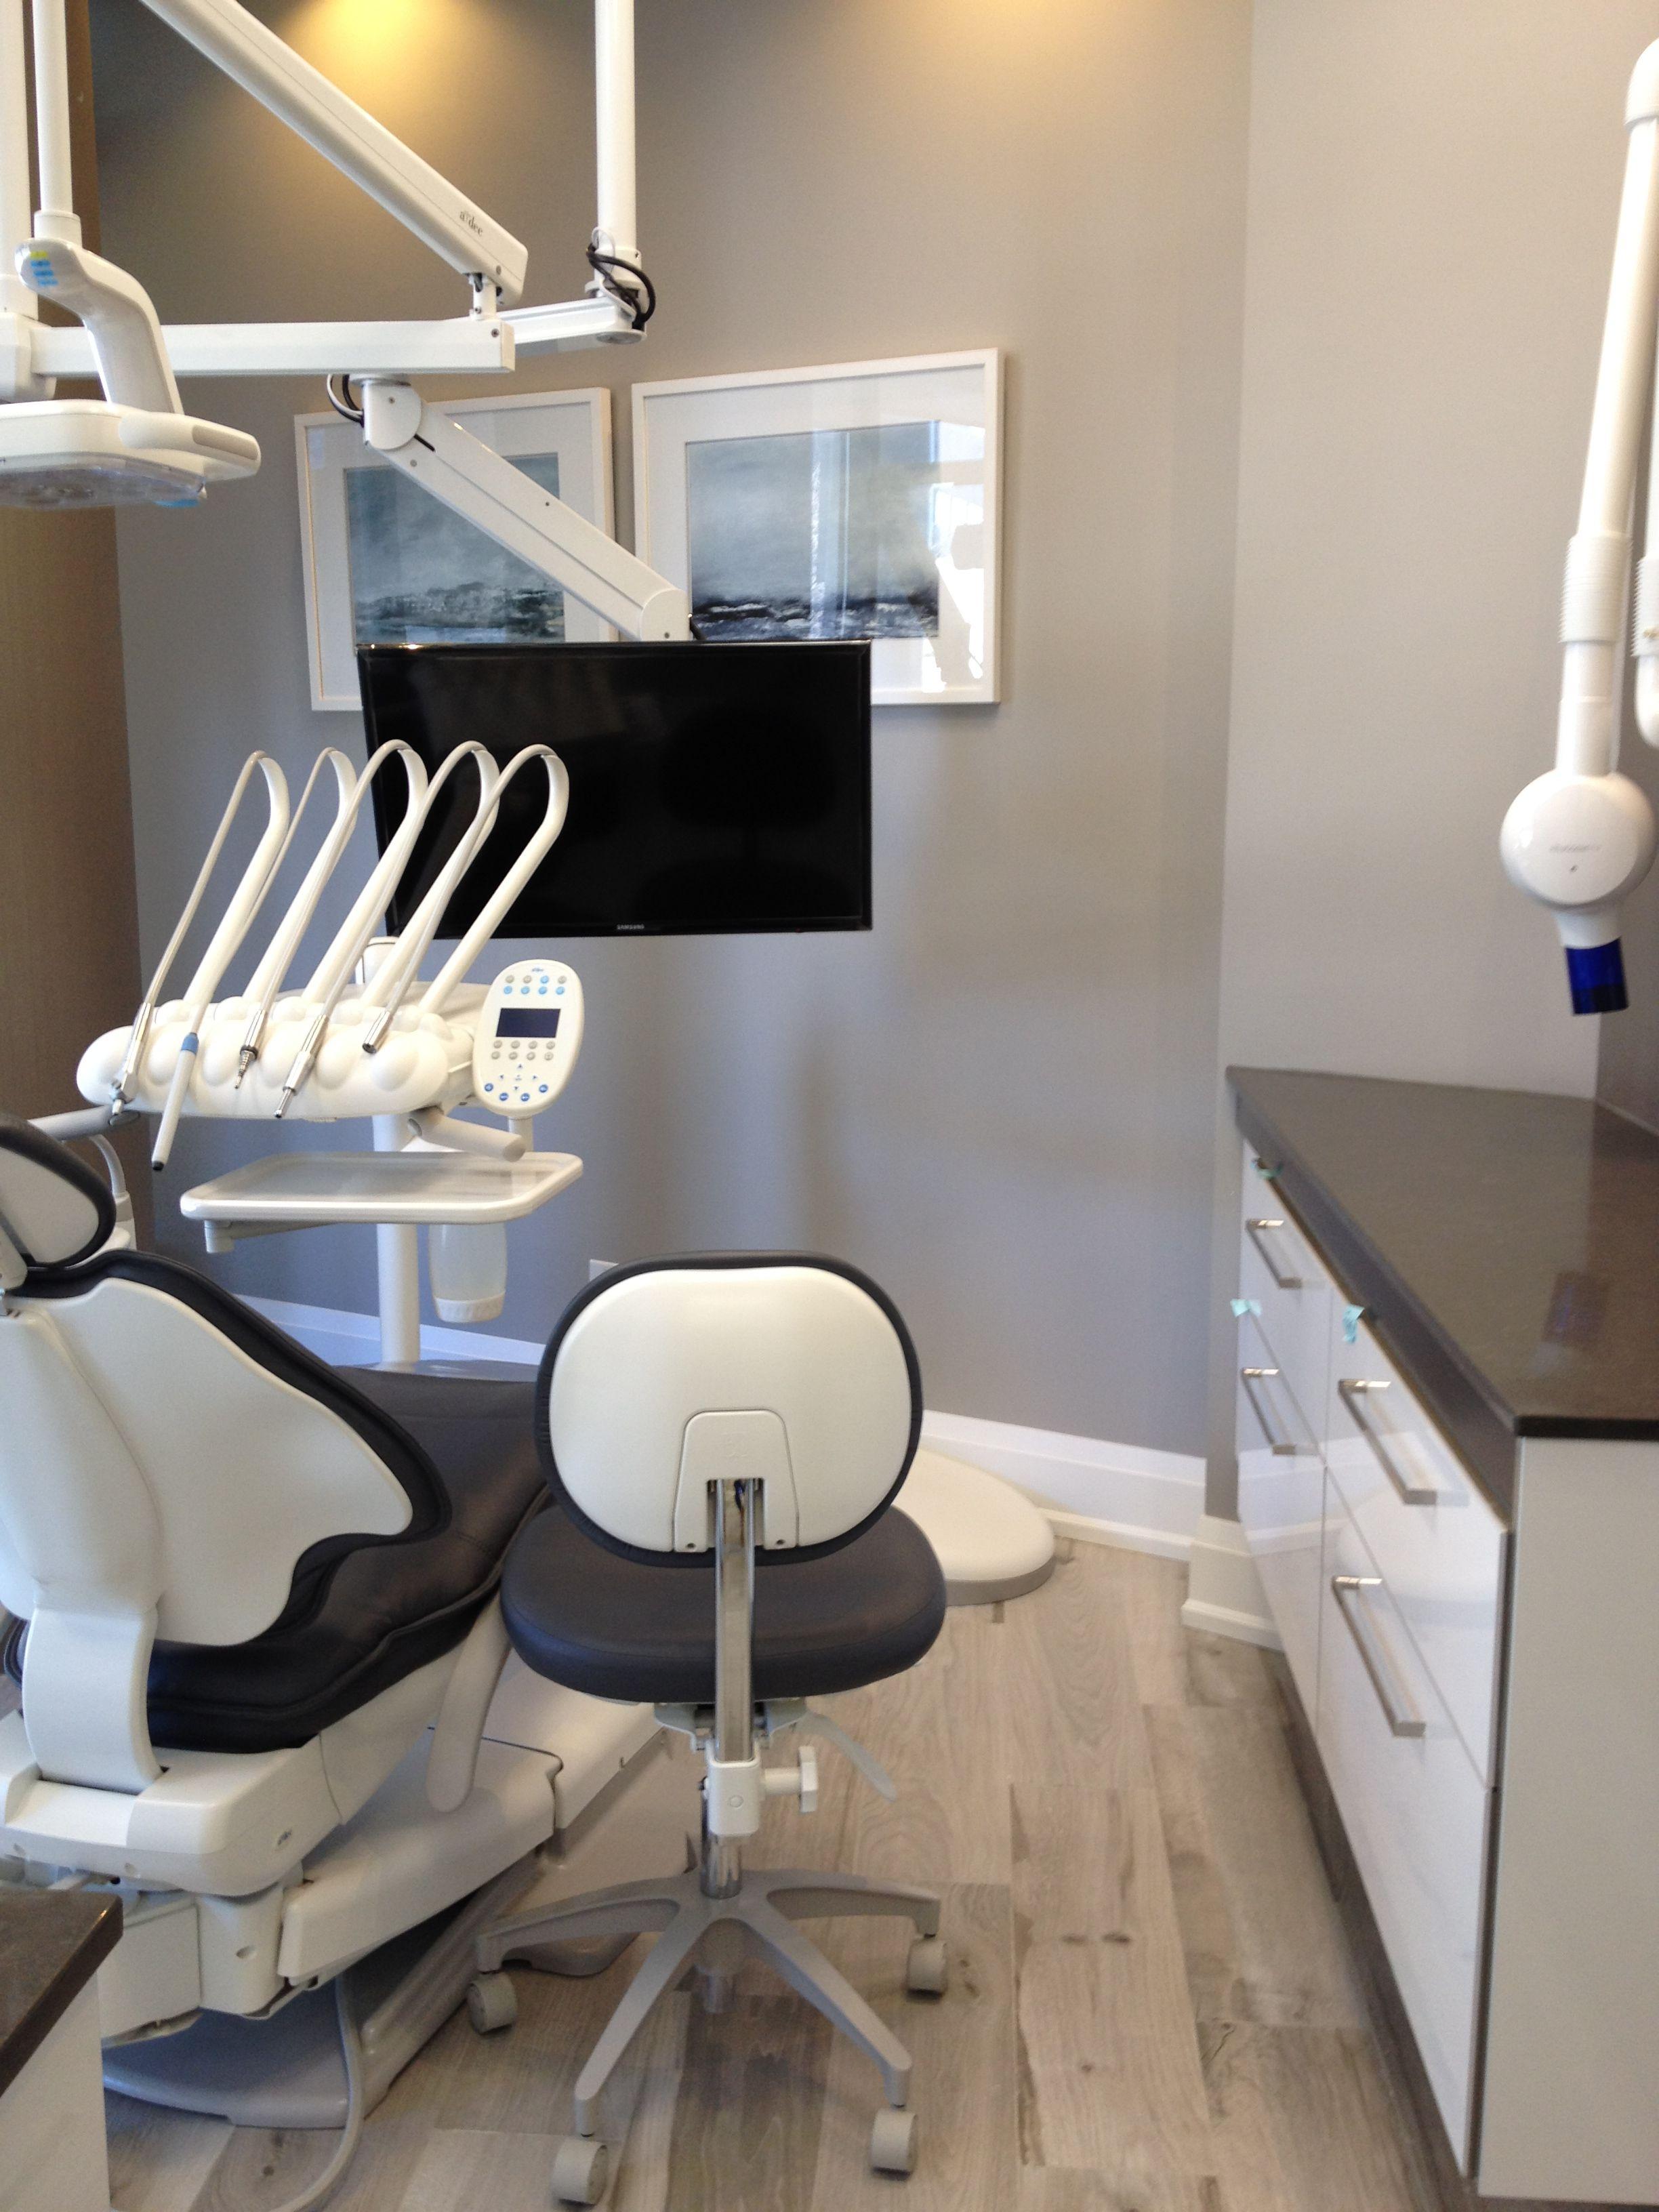 Dental Office Adec 500 … Dental office decor, Dentist